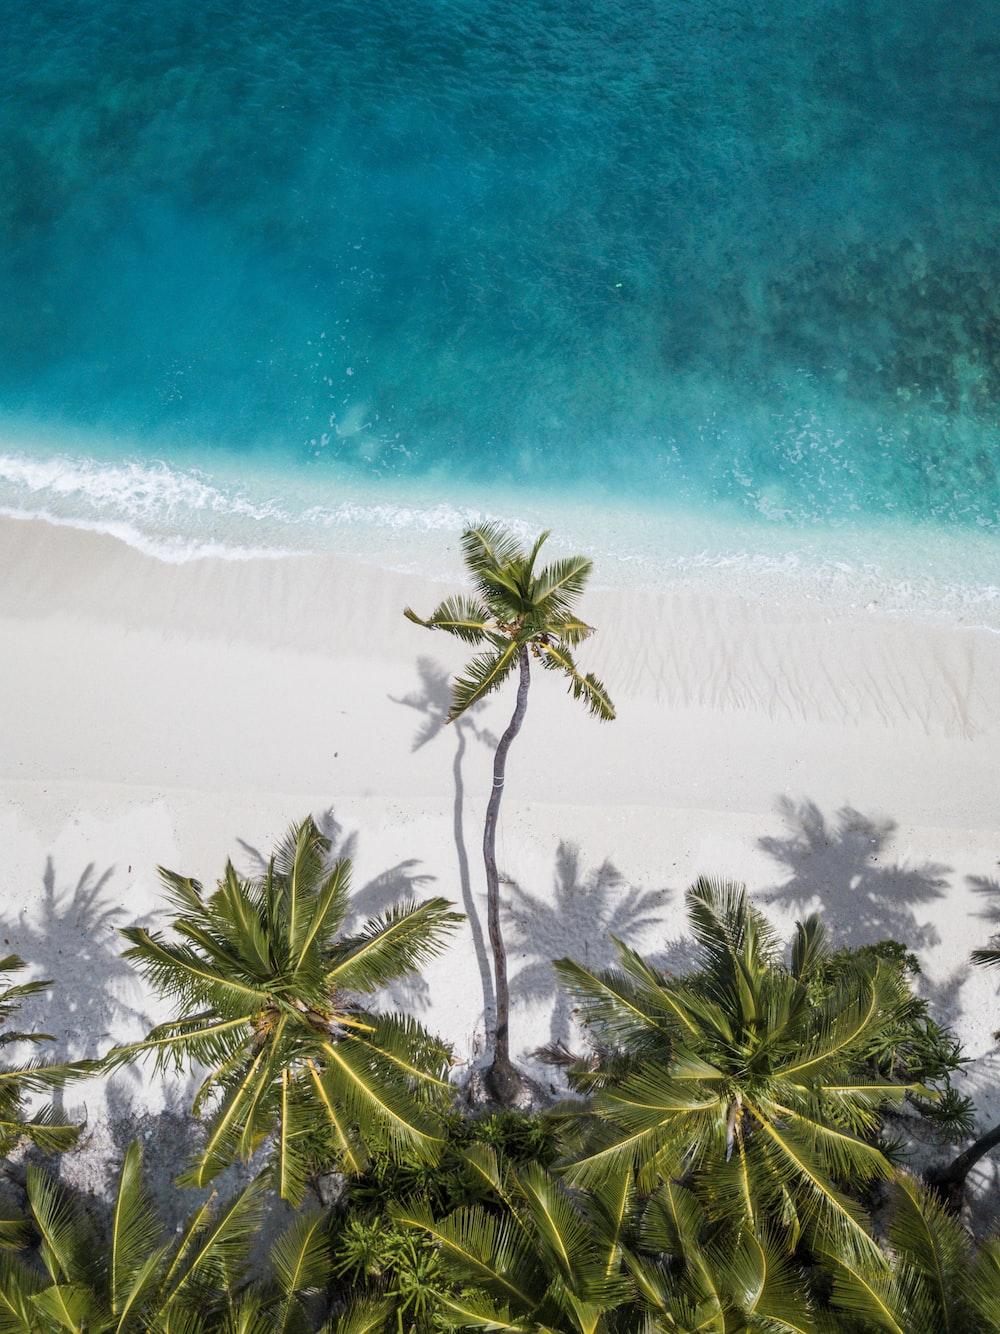 coconut trees near shore